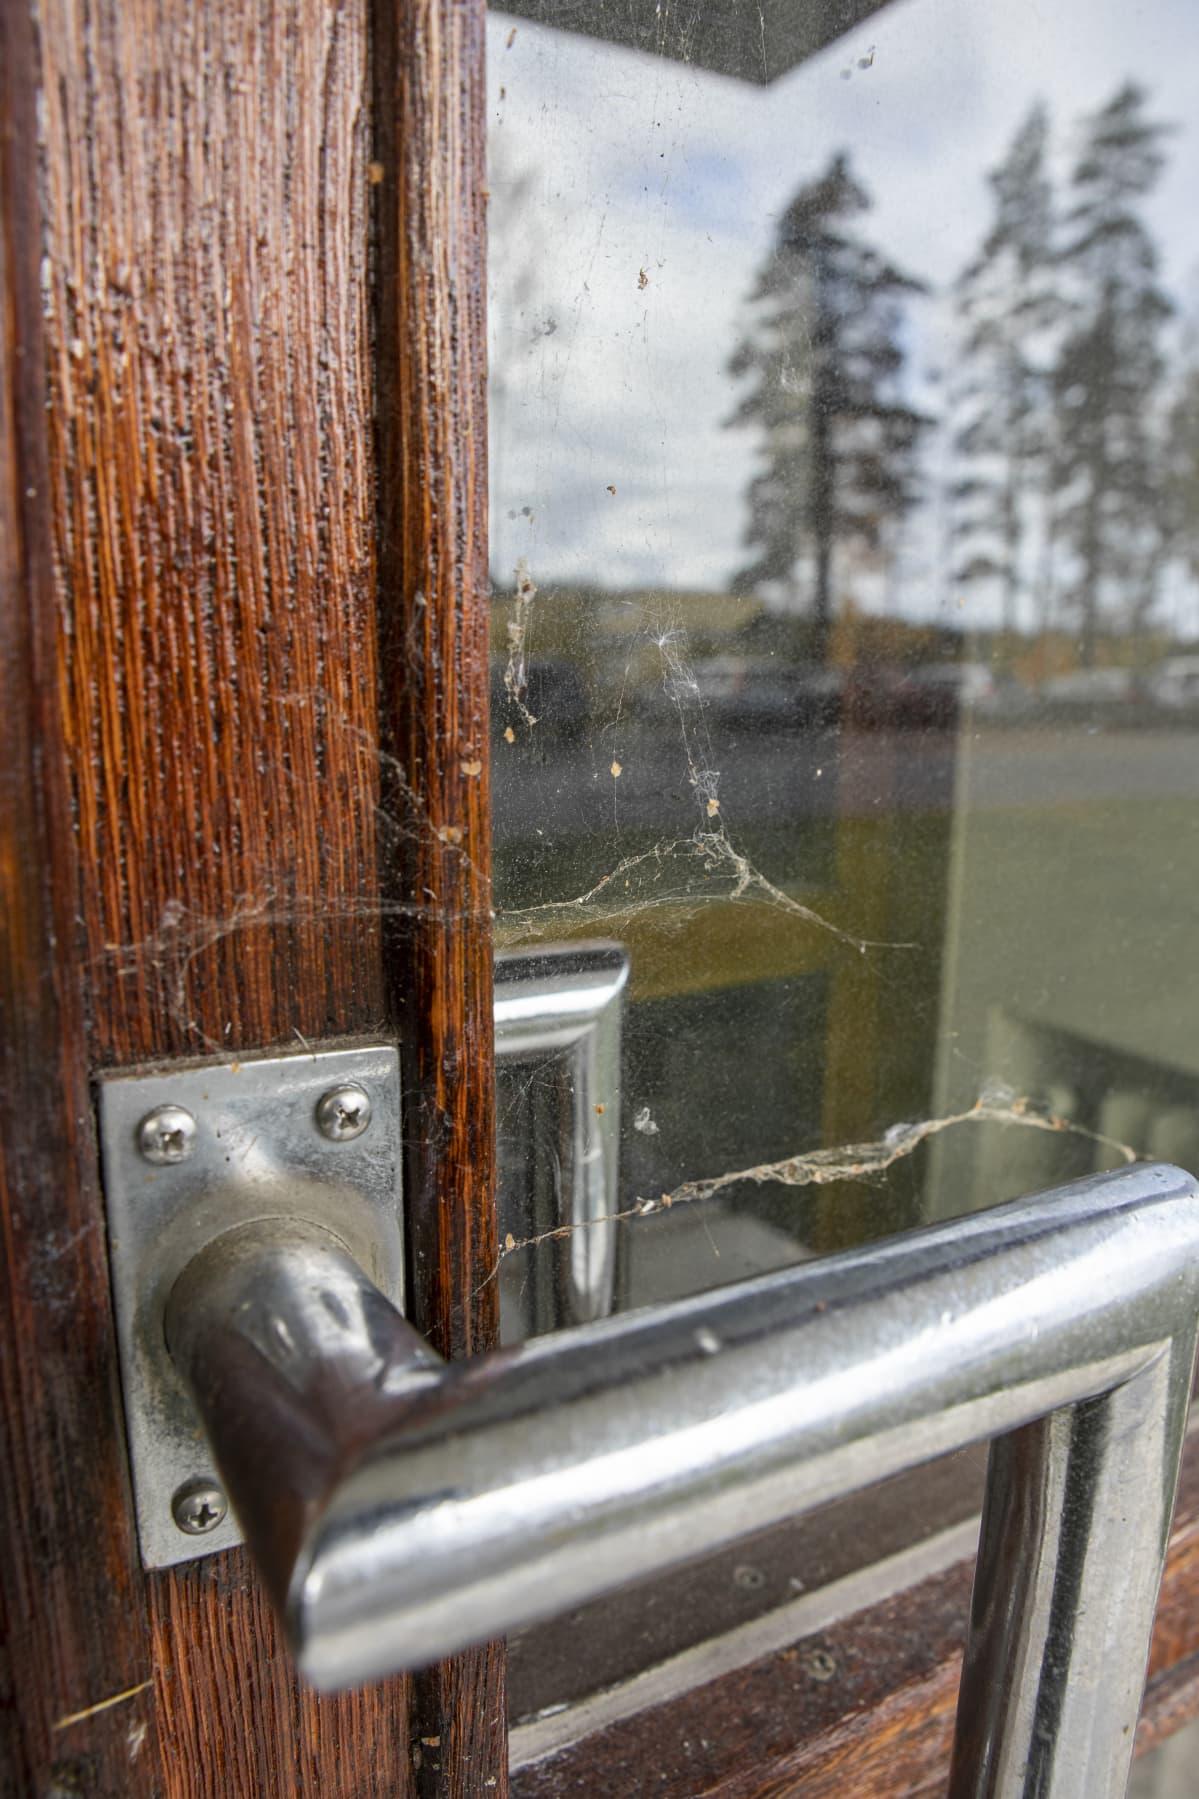 Hämähäkin seittiä käyttökiellossa olevan rakennuksen oven kahvassa.